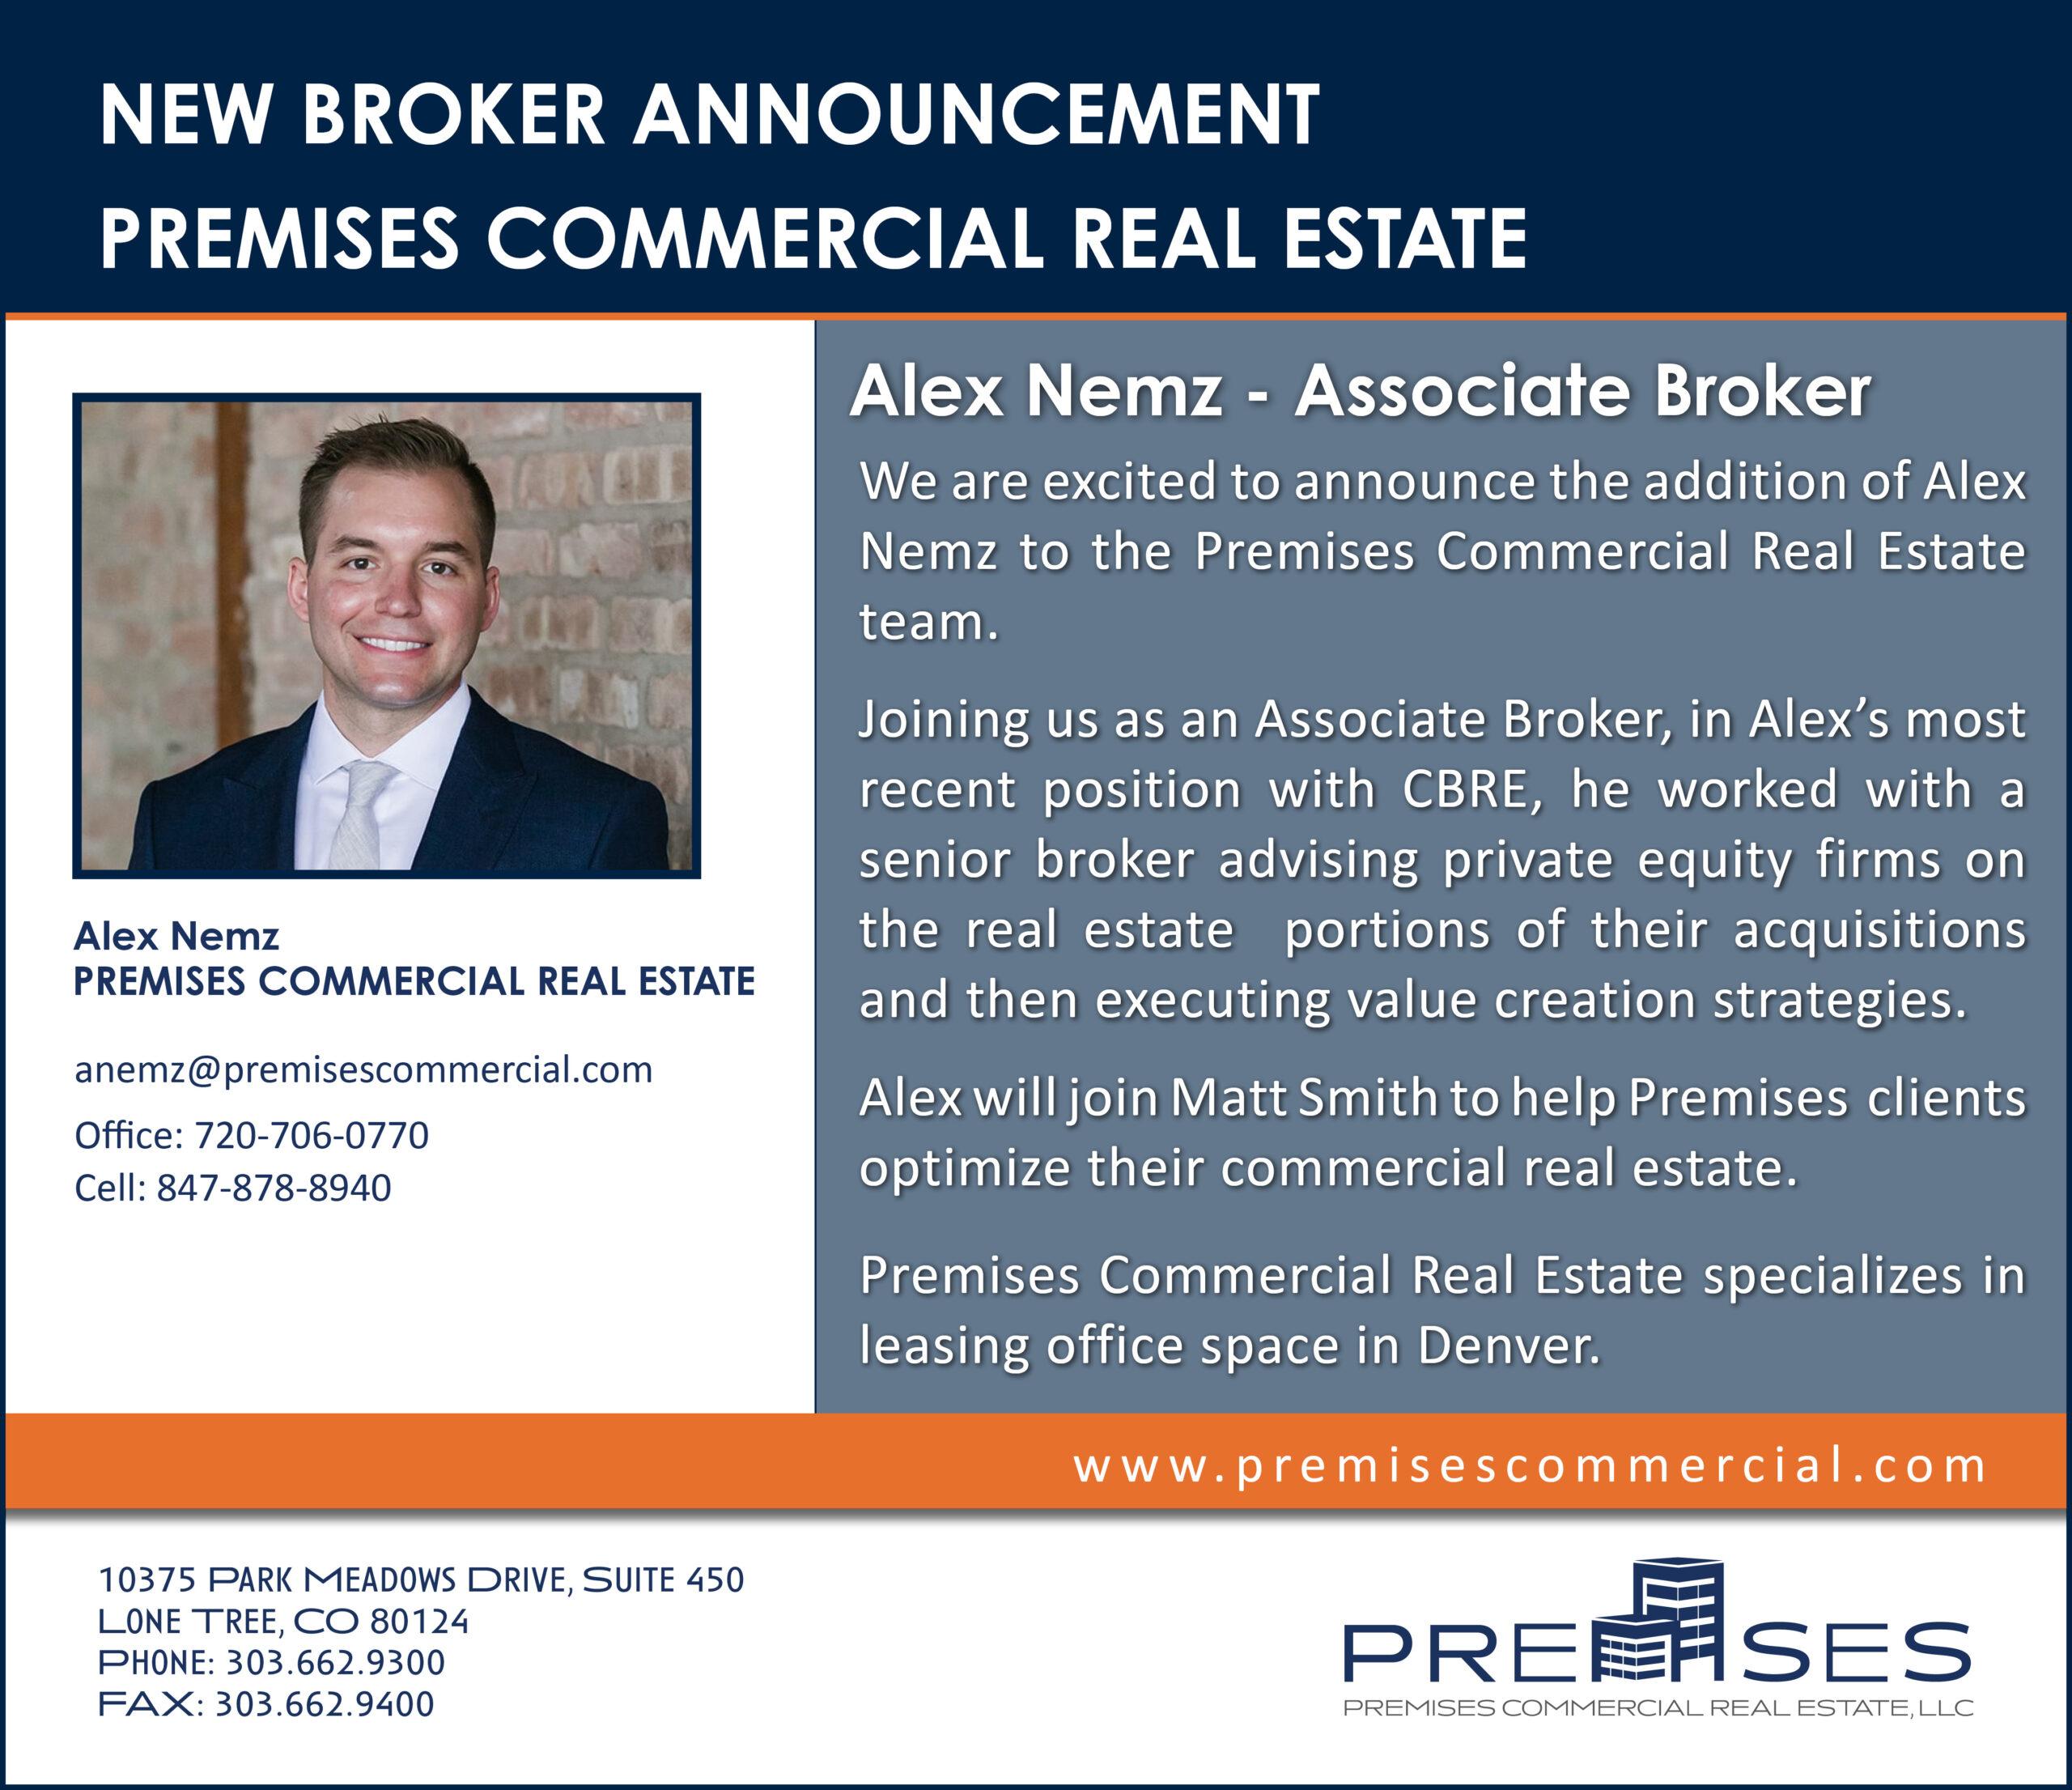 Alex Nemz - Premises Commercial Real Estate - Announcement